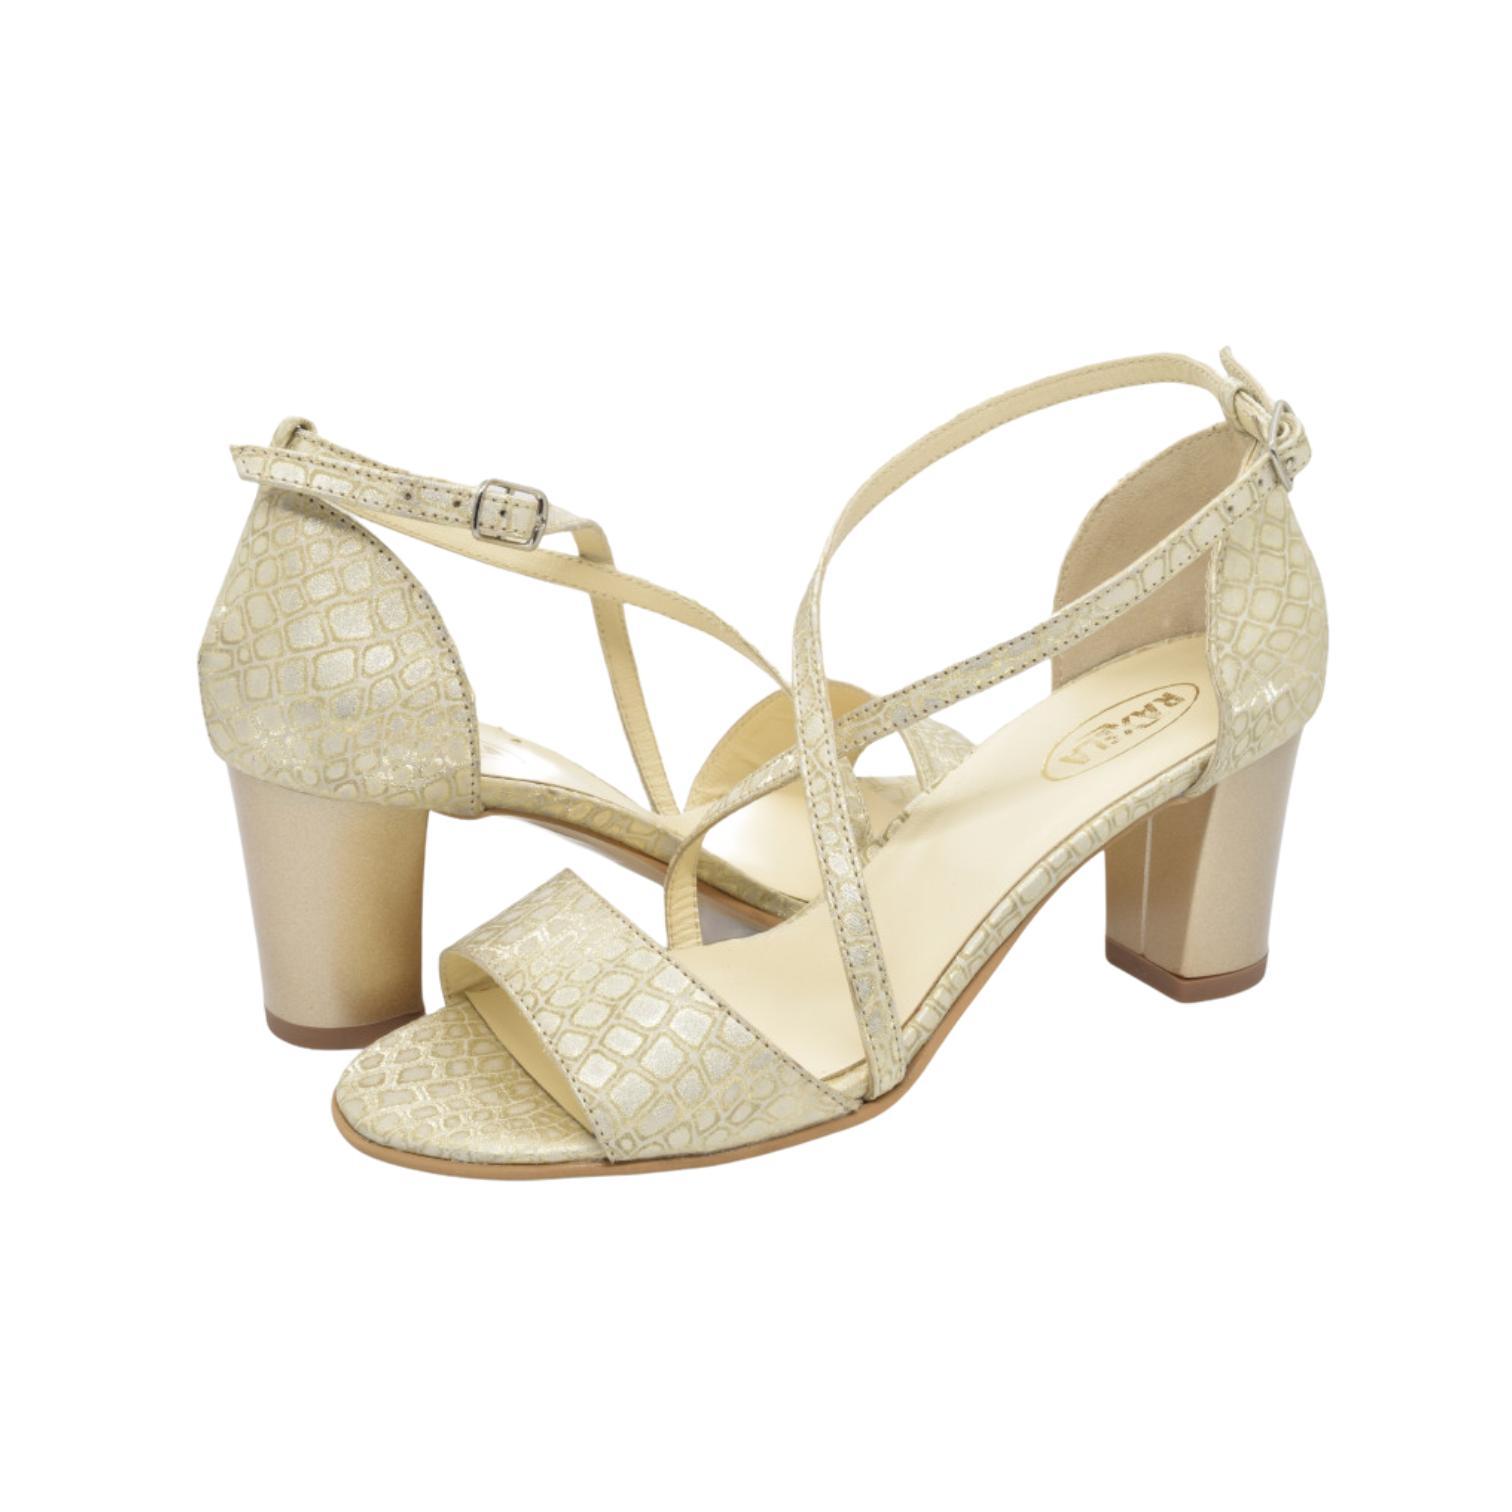 Sandale aurii cu imprimeu si barete incrucisate